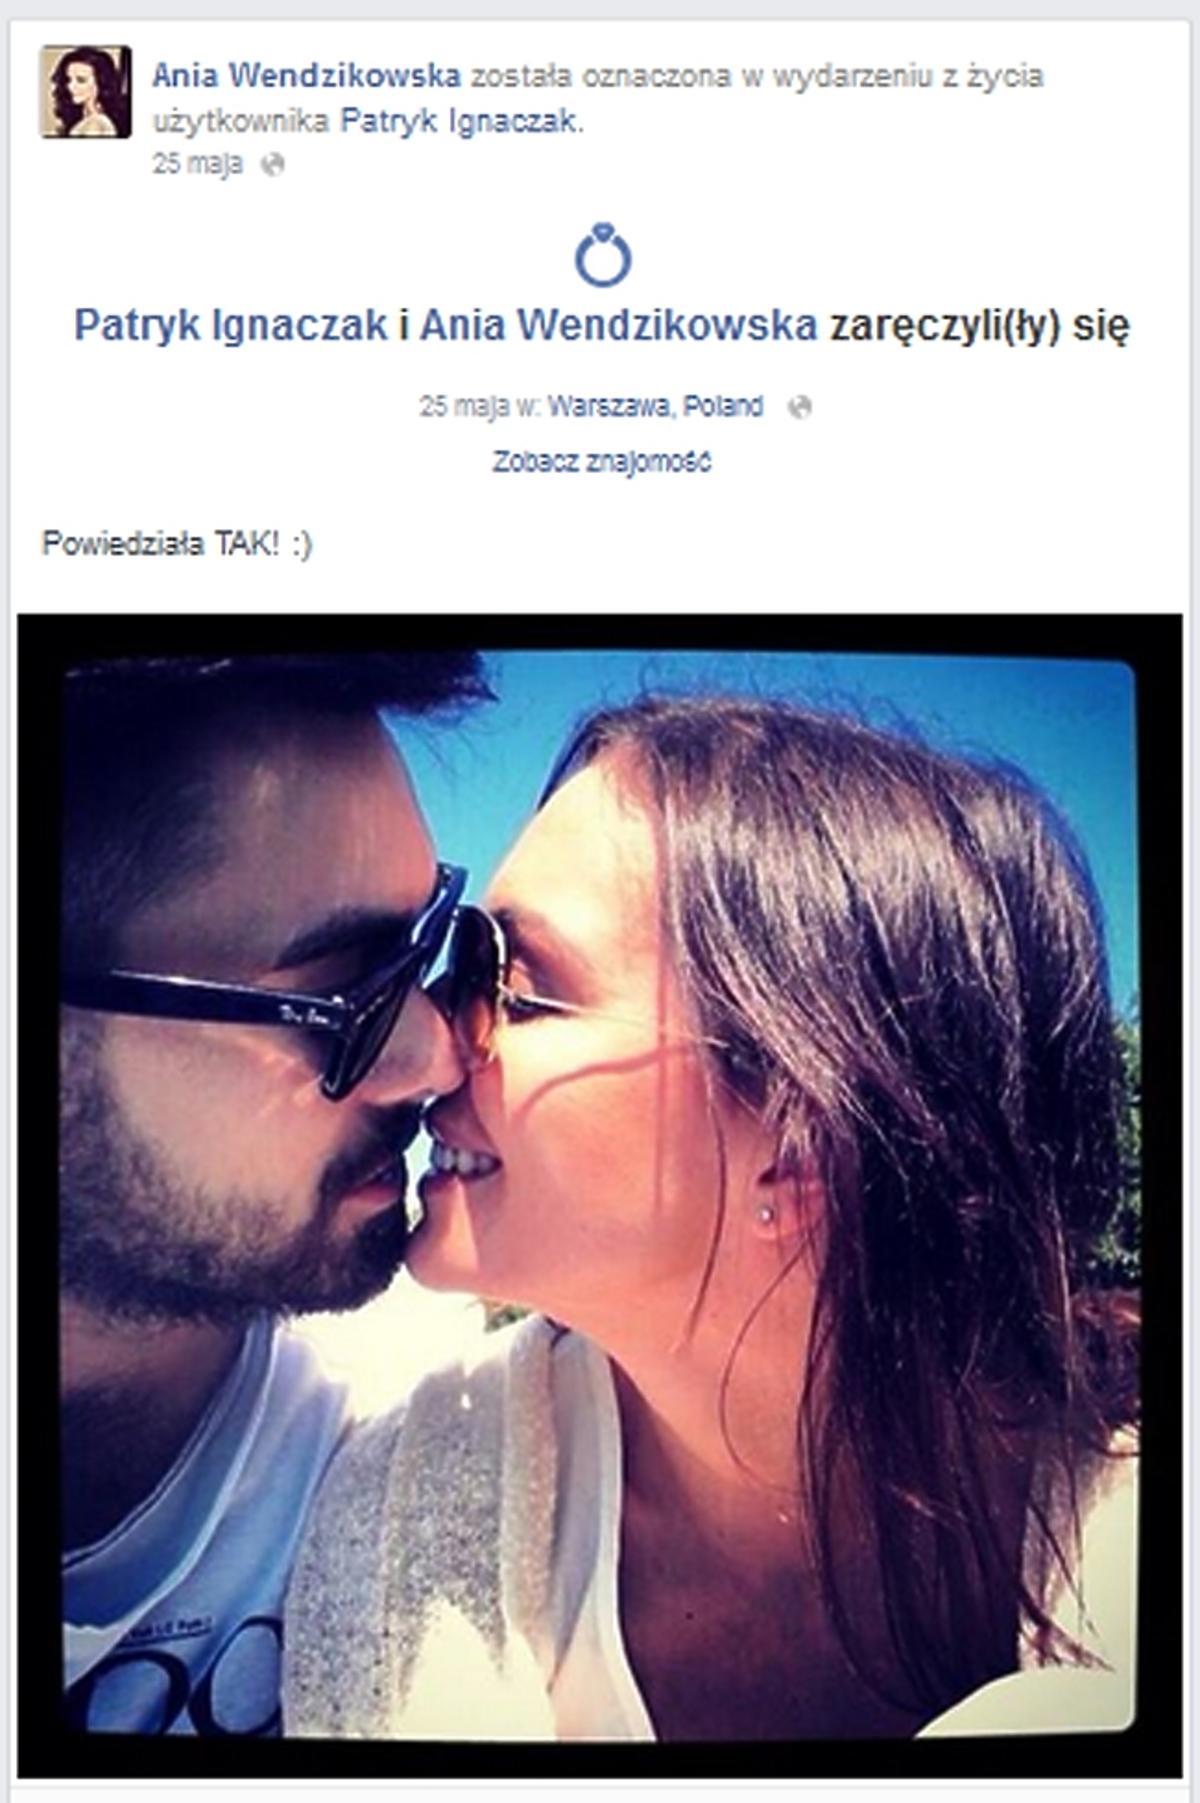 Zaręczyny Anny Wendzikowskiej i Patryka Ignaczaka